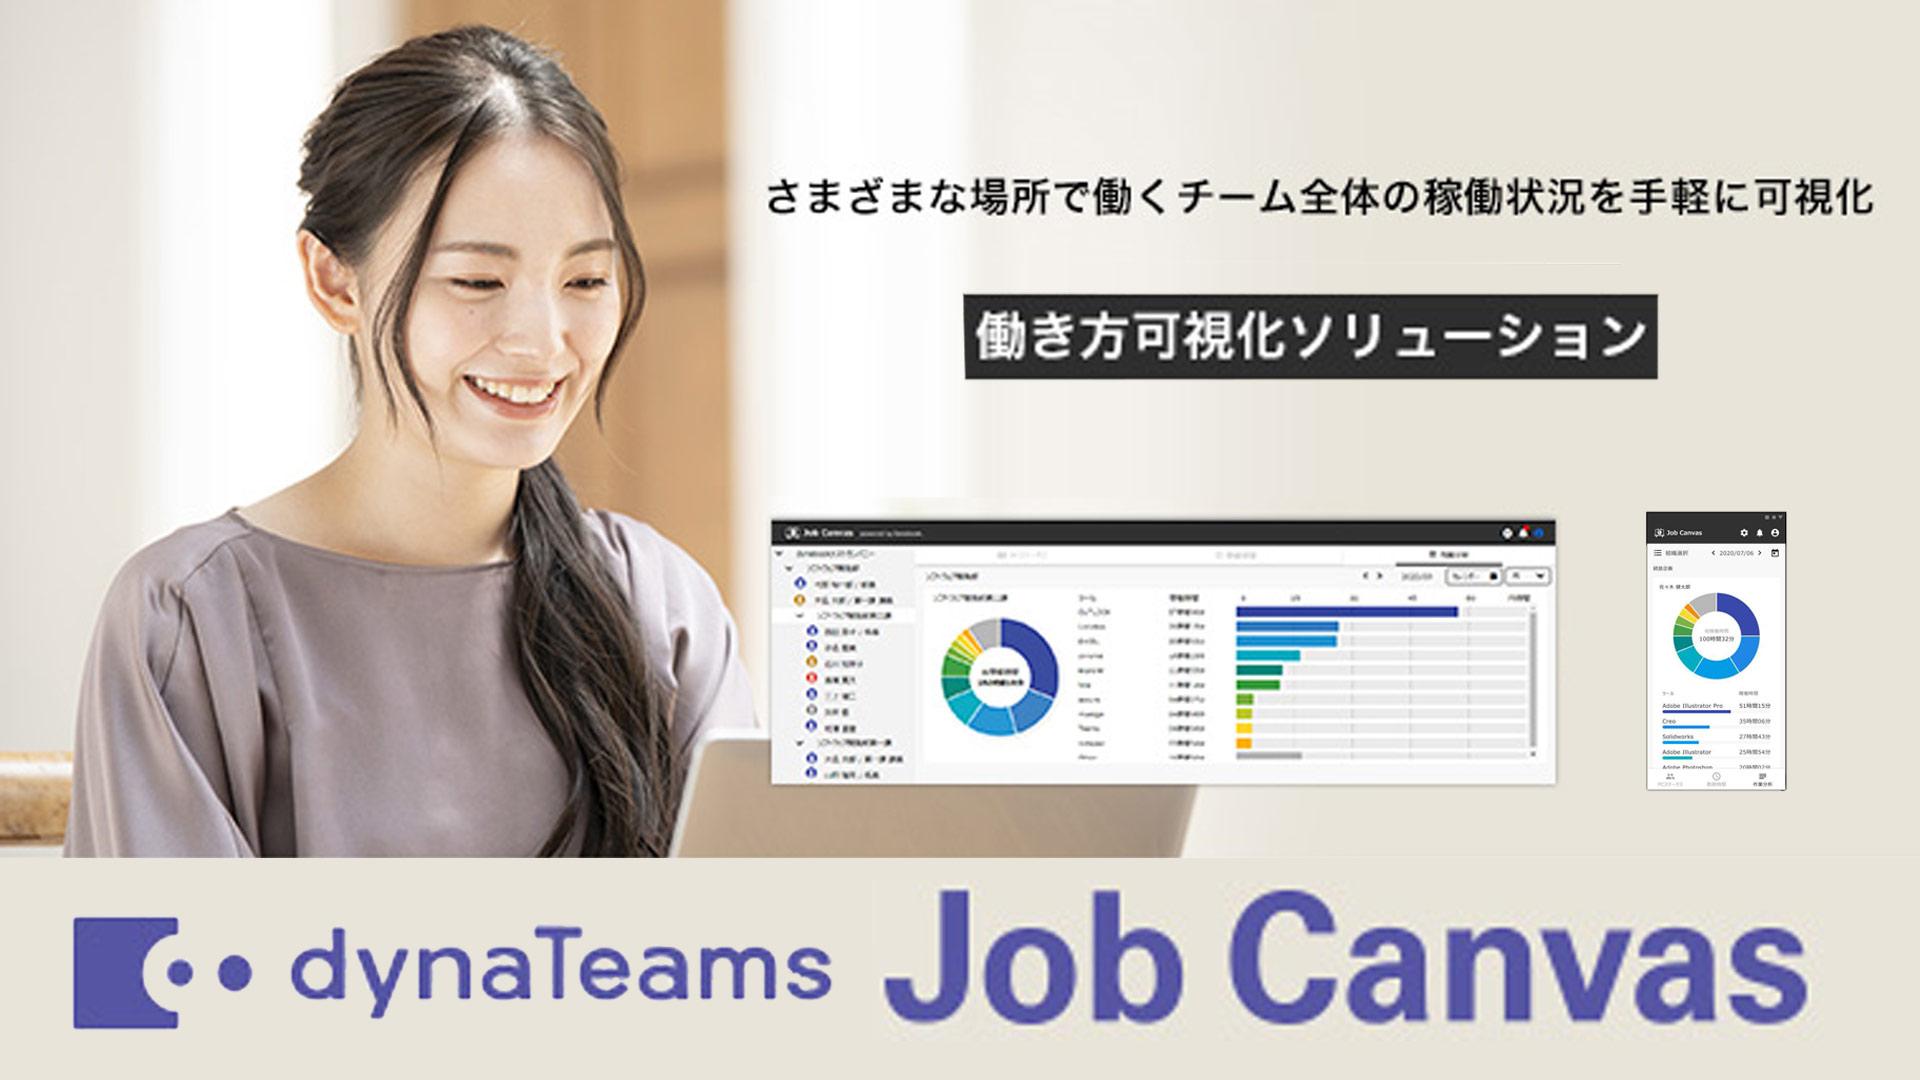 - 働き方可視化ソリューション dynaTeams「Job Canvas」-